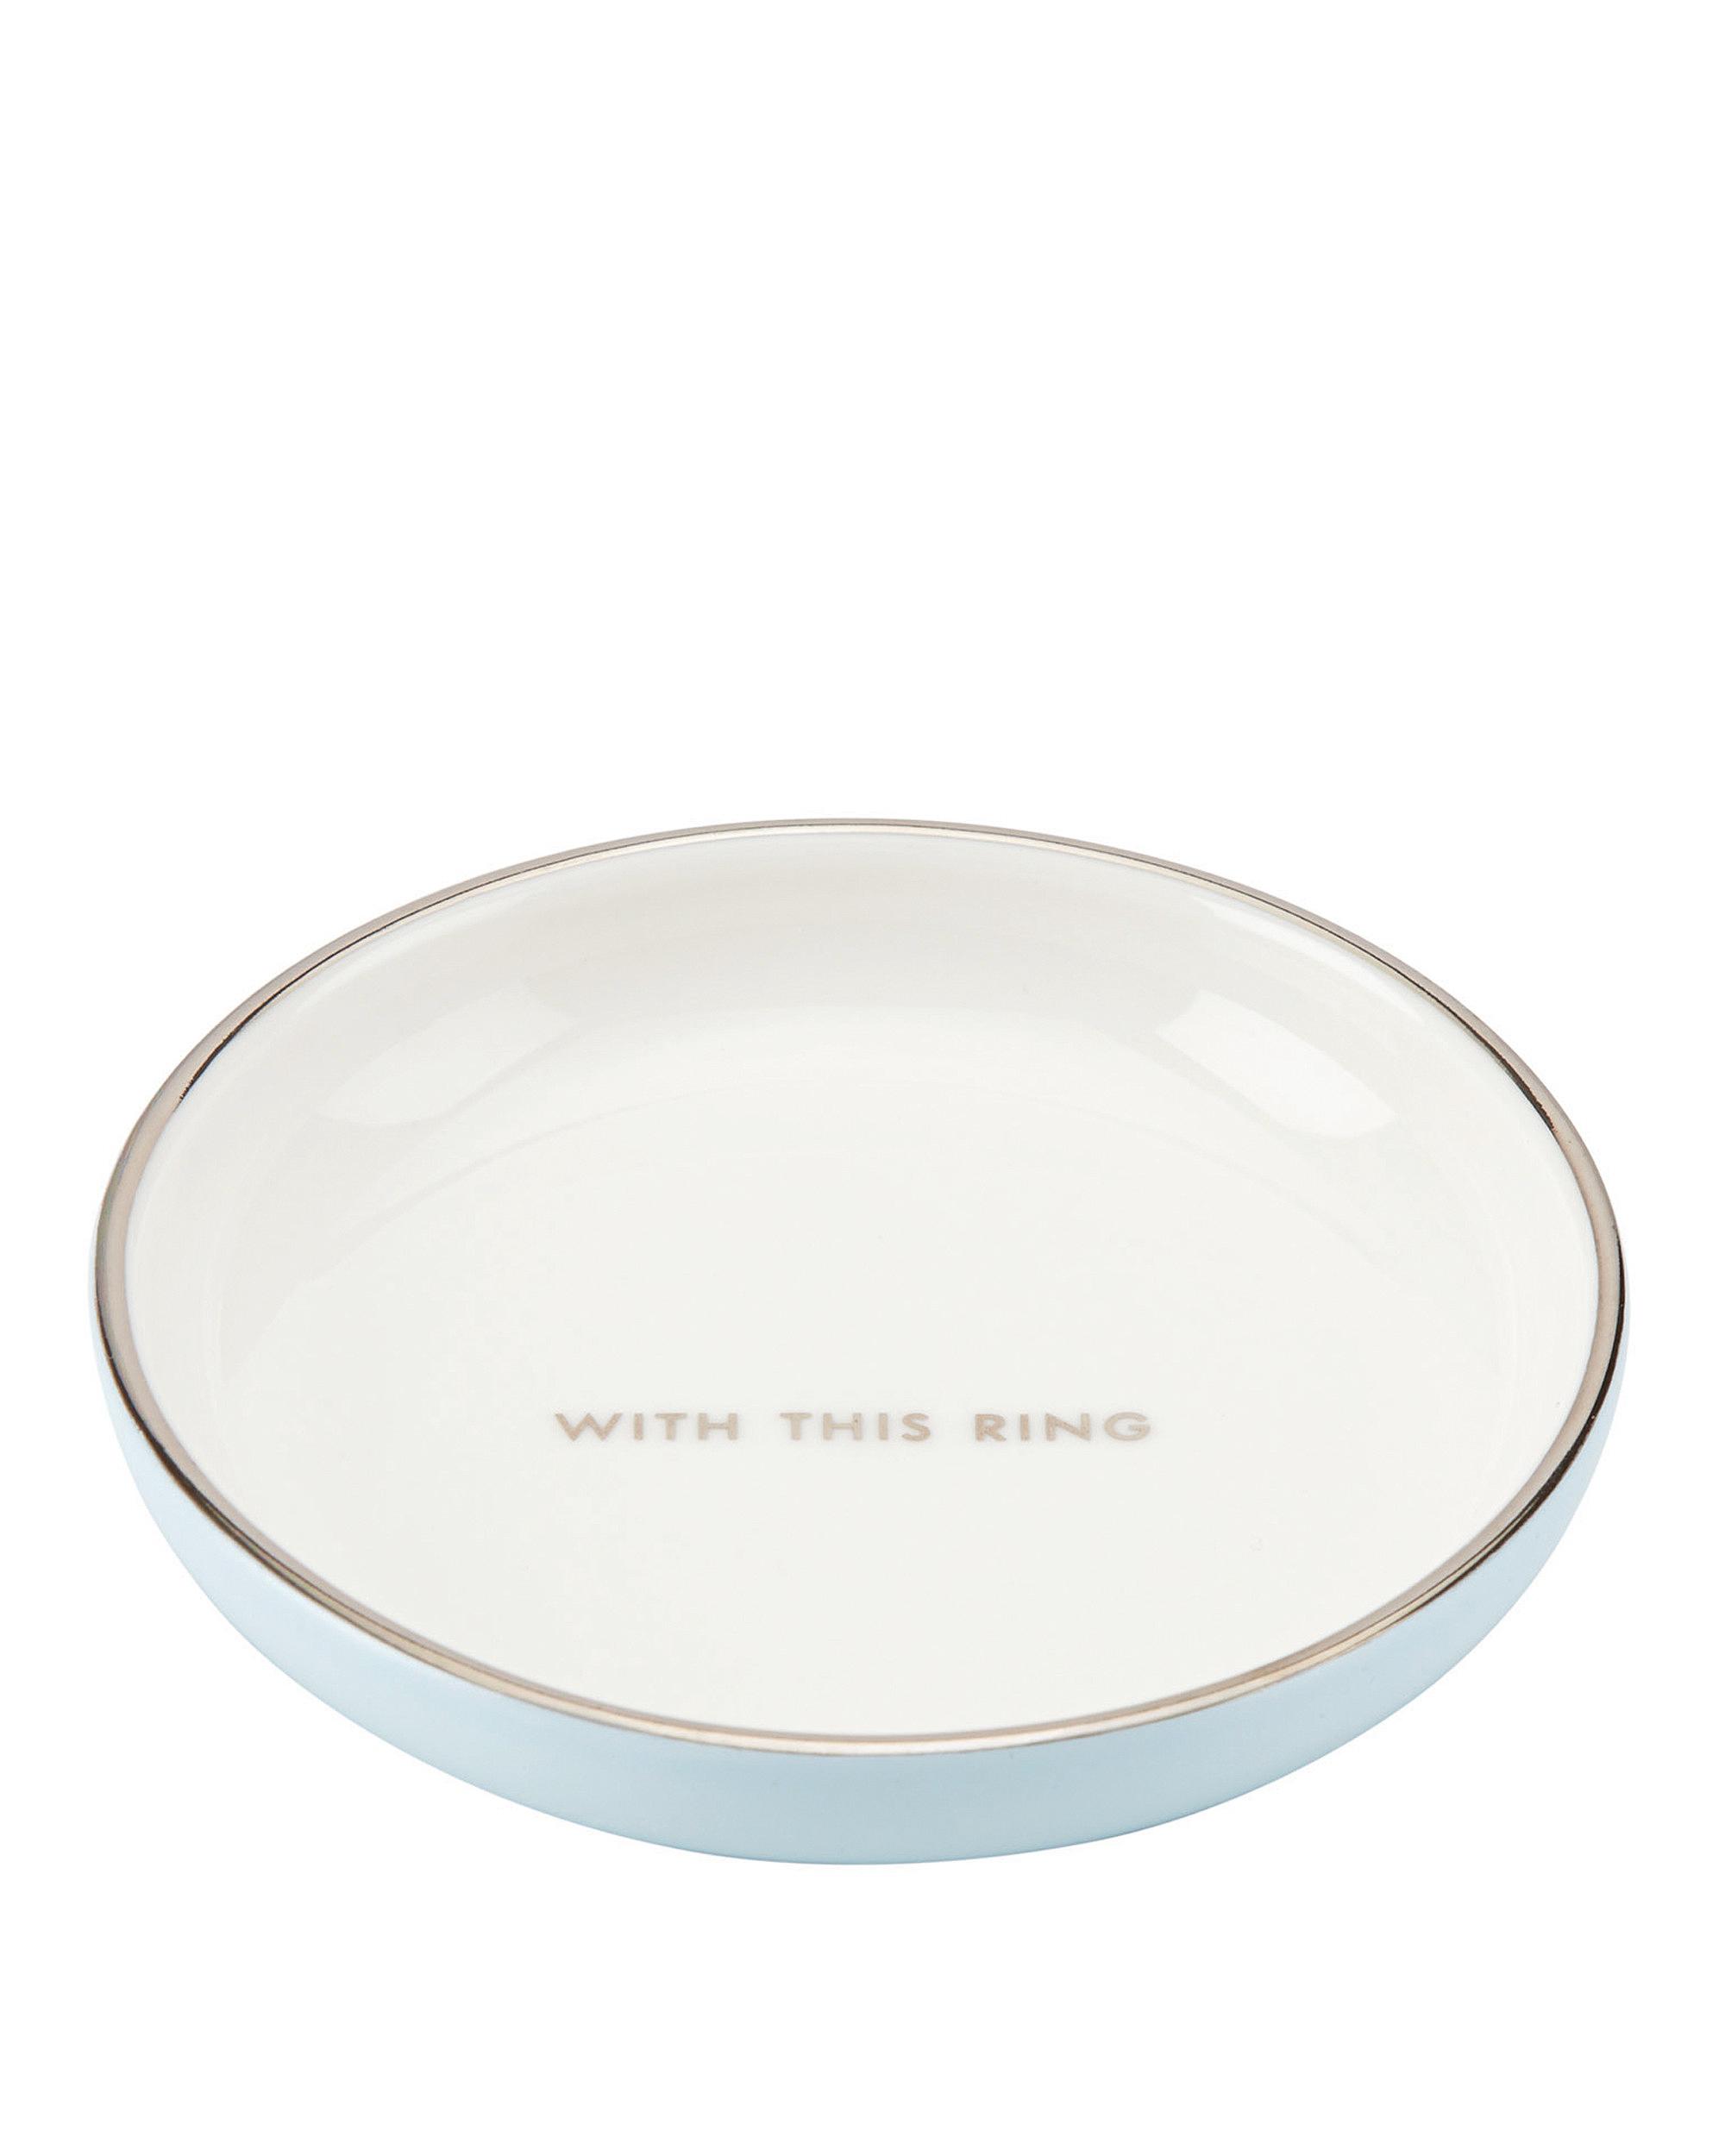 engagement-gifts-kate-spade-ring-dish-0316.jpg